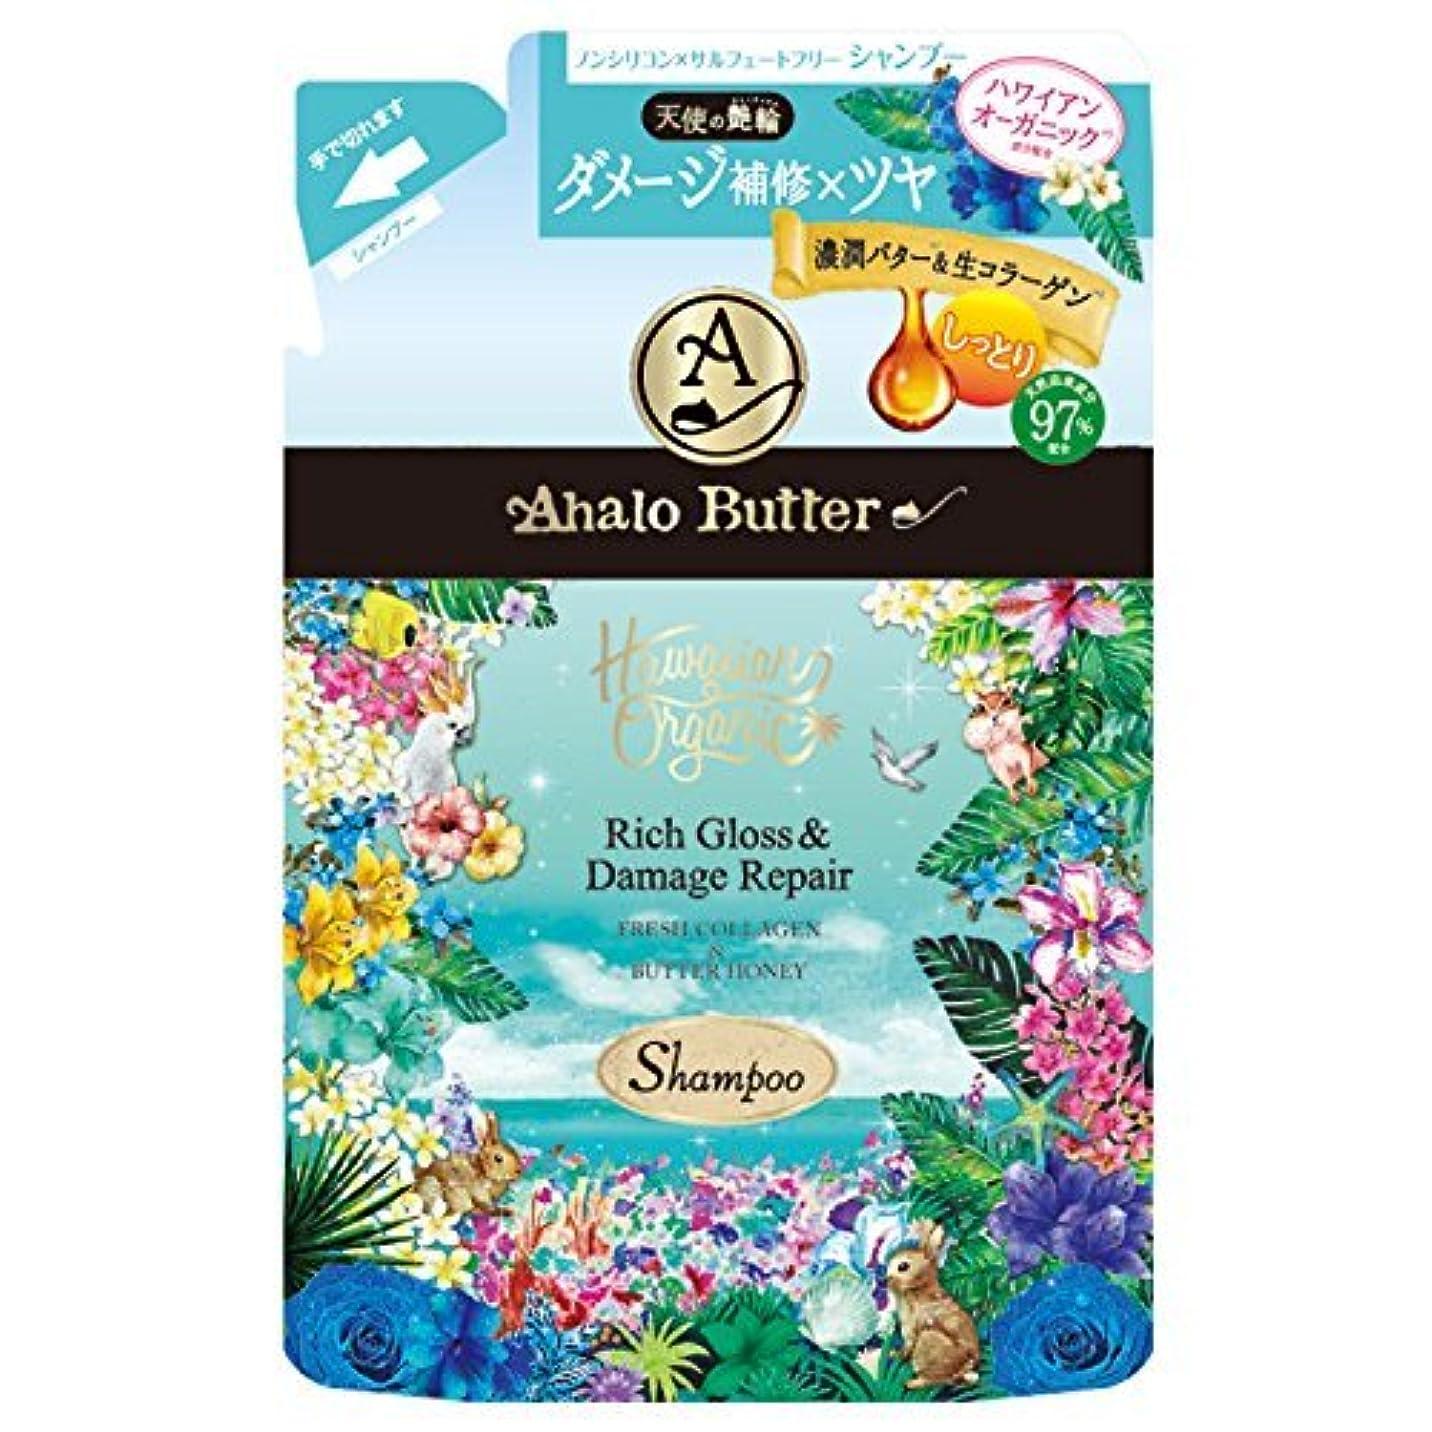 タッチゴネリル大統領Ahalo butter(アハロバター) ハワイアンオーガニック リッチグロス&ダメージリペア モイストシャンプー / 詰め替え / 400ml